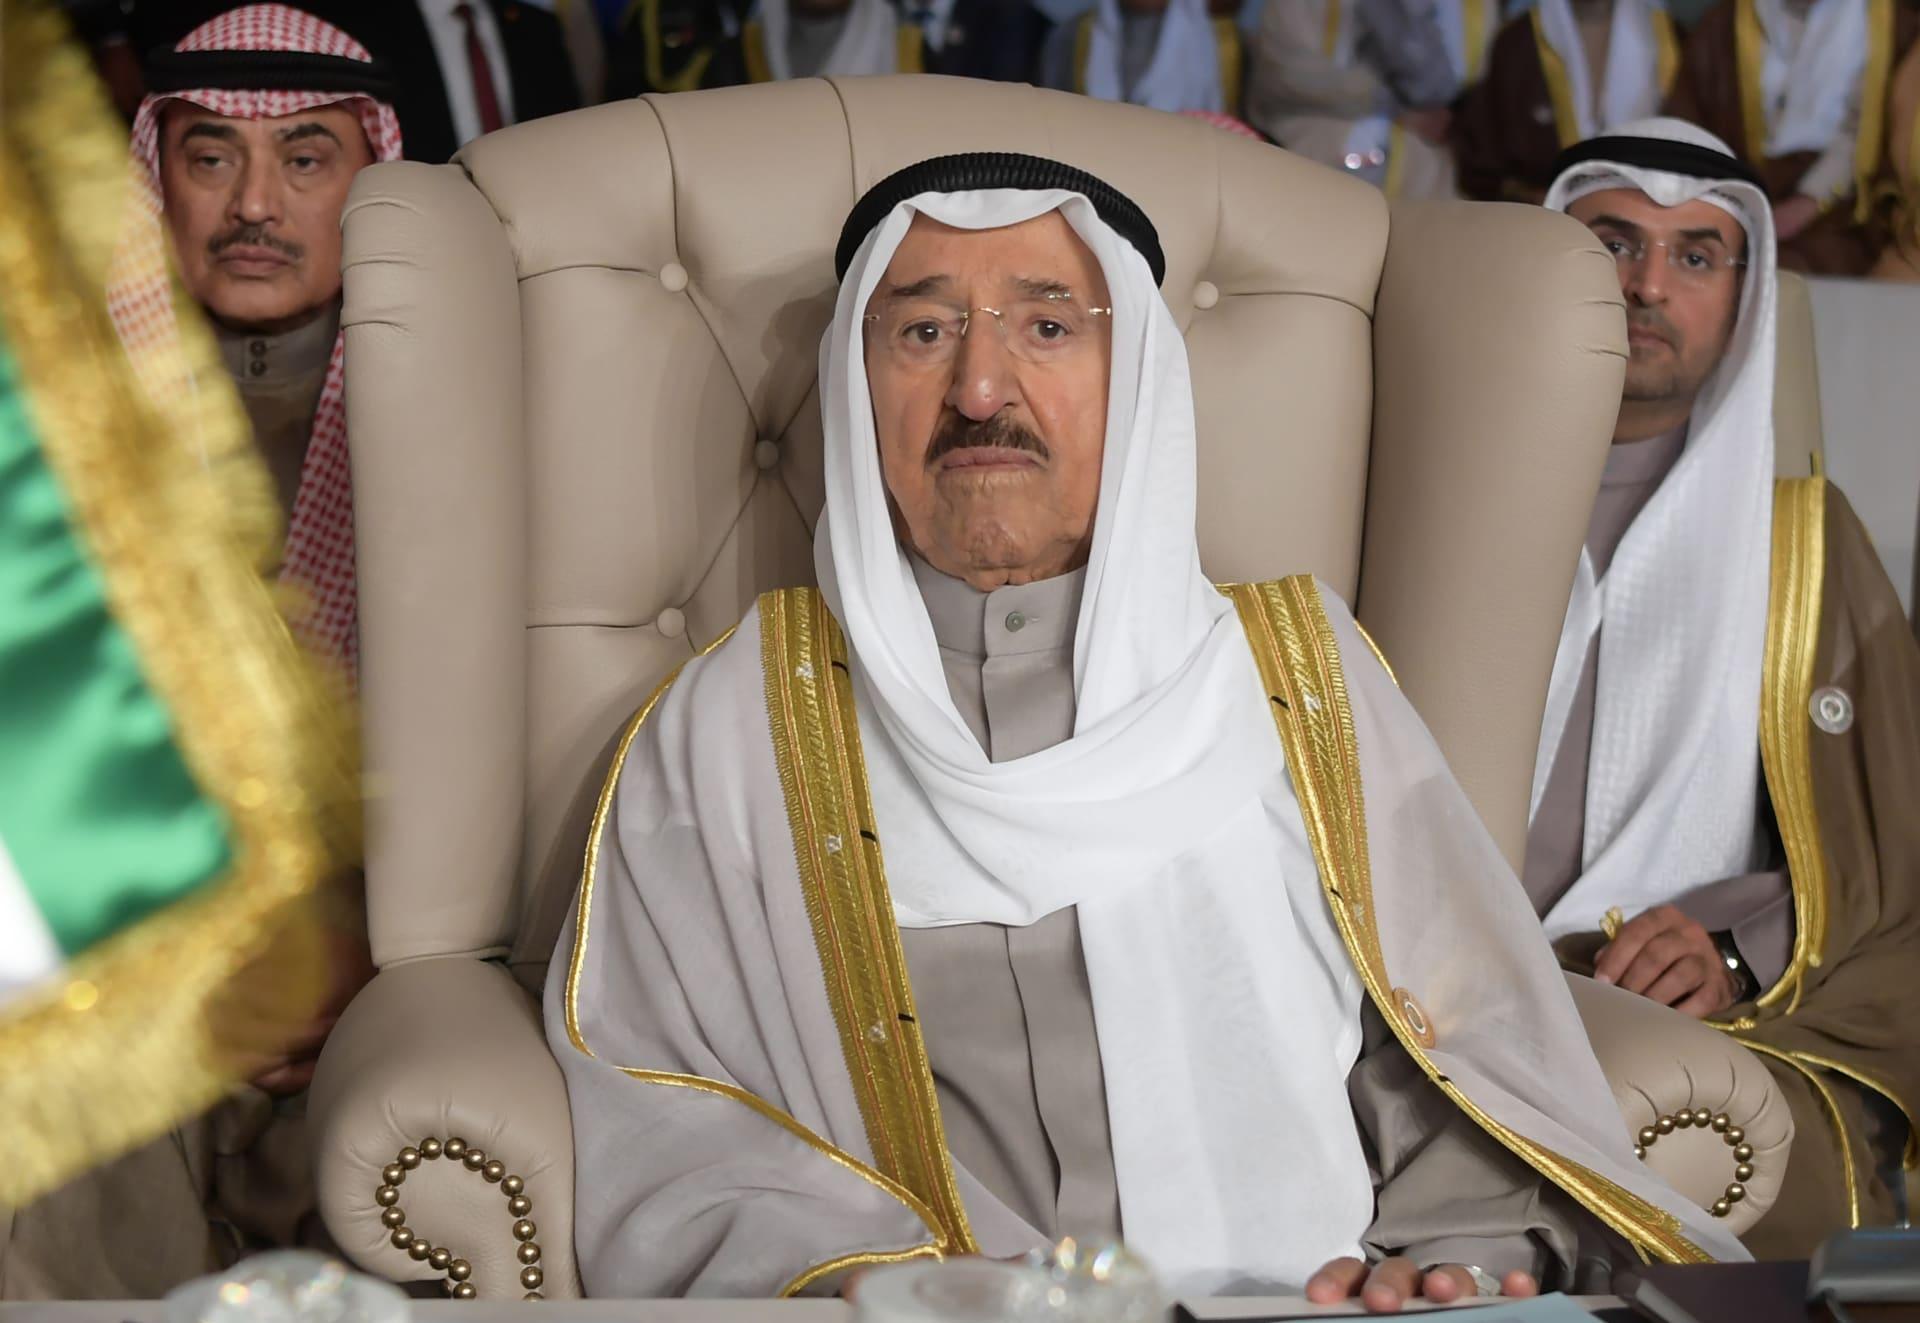 أمير الكويت يجري فحوصات طبية في الولايات المتحدة وتأجيل لقائه بترامب